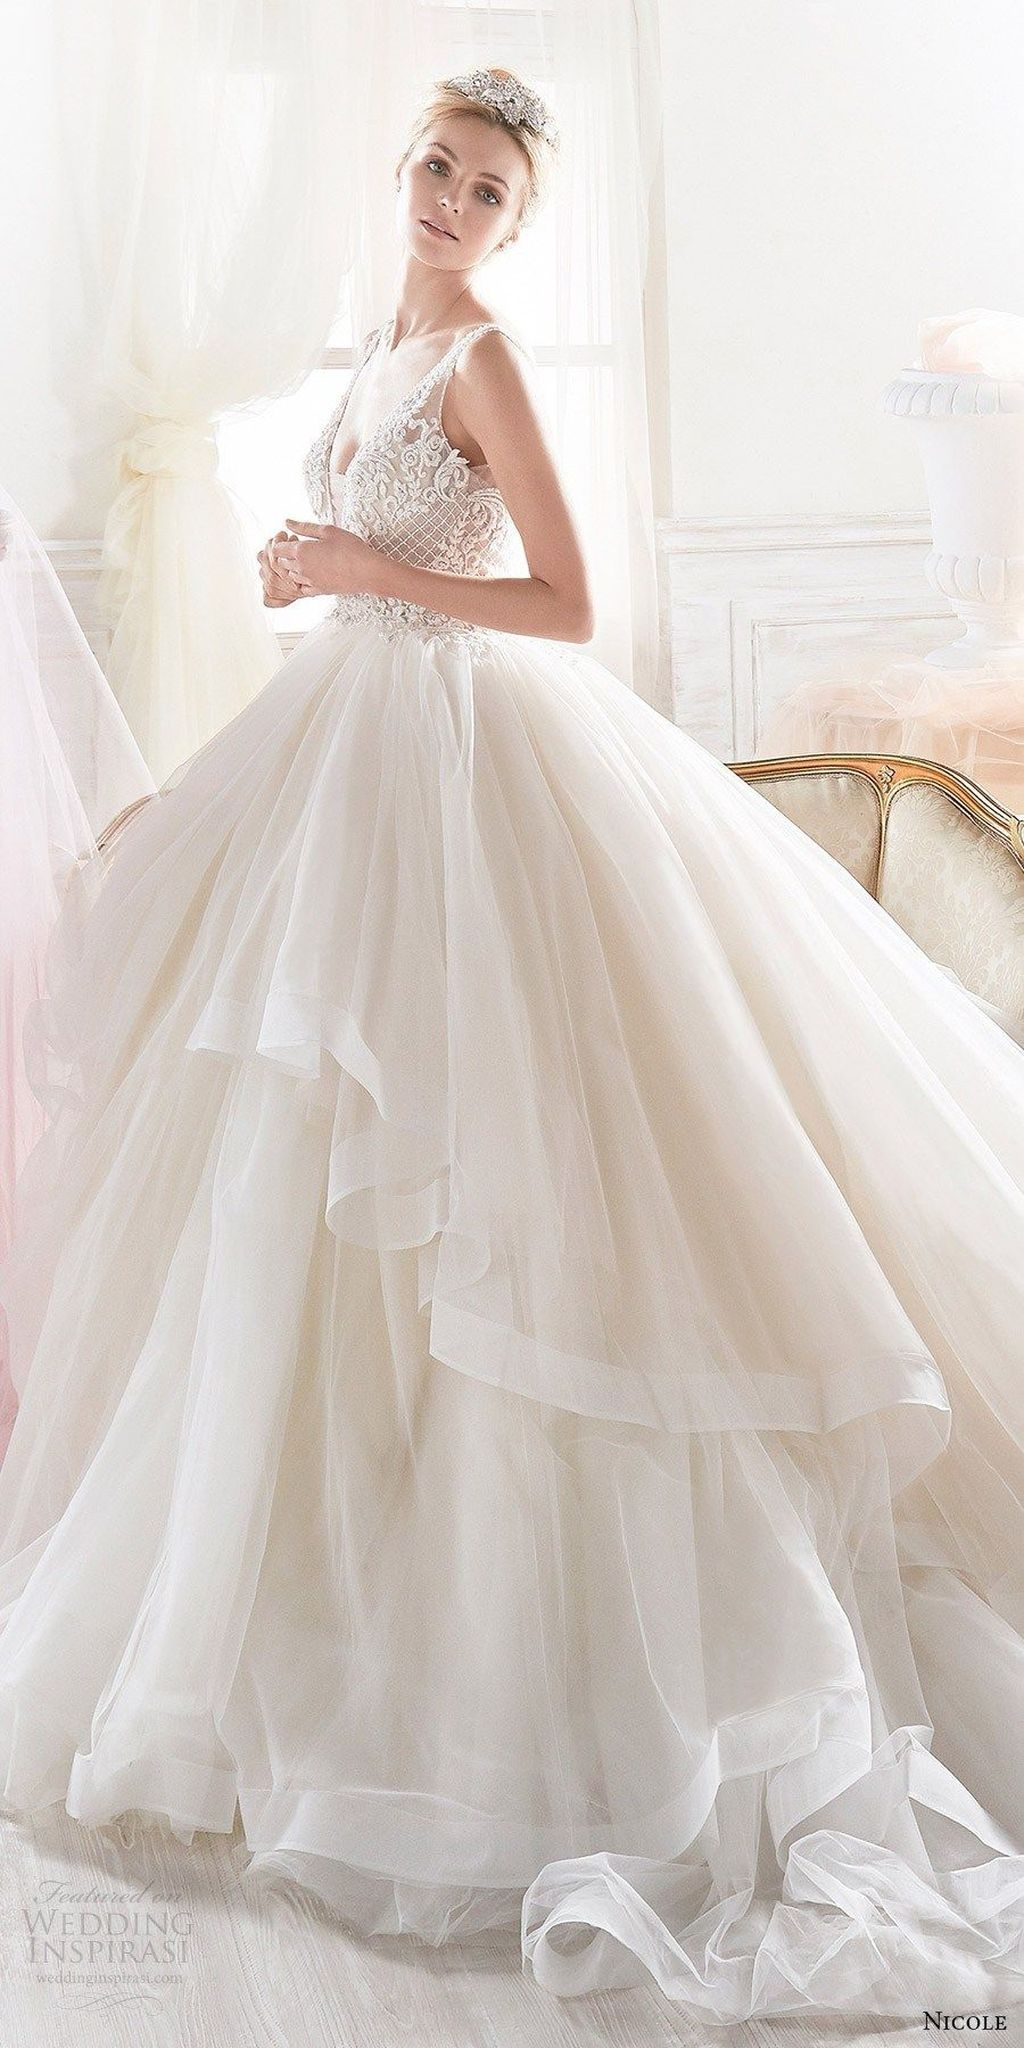 Best wedding dresses of 2018   Best Wedding Dress  Trends Ideas  Wedding Dress  Pinterest